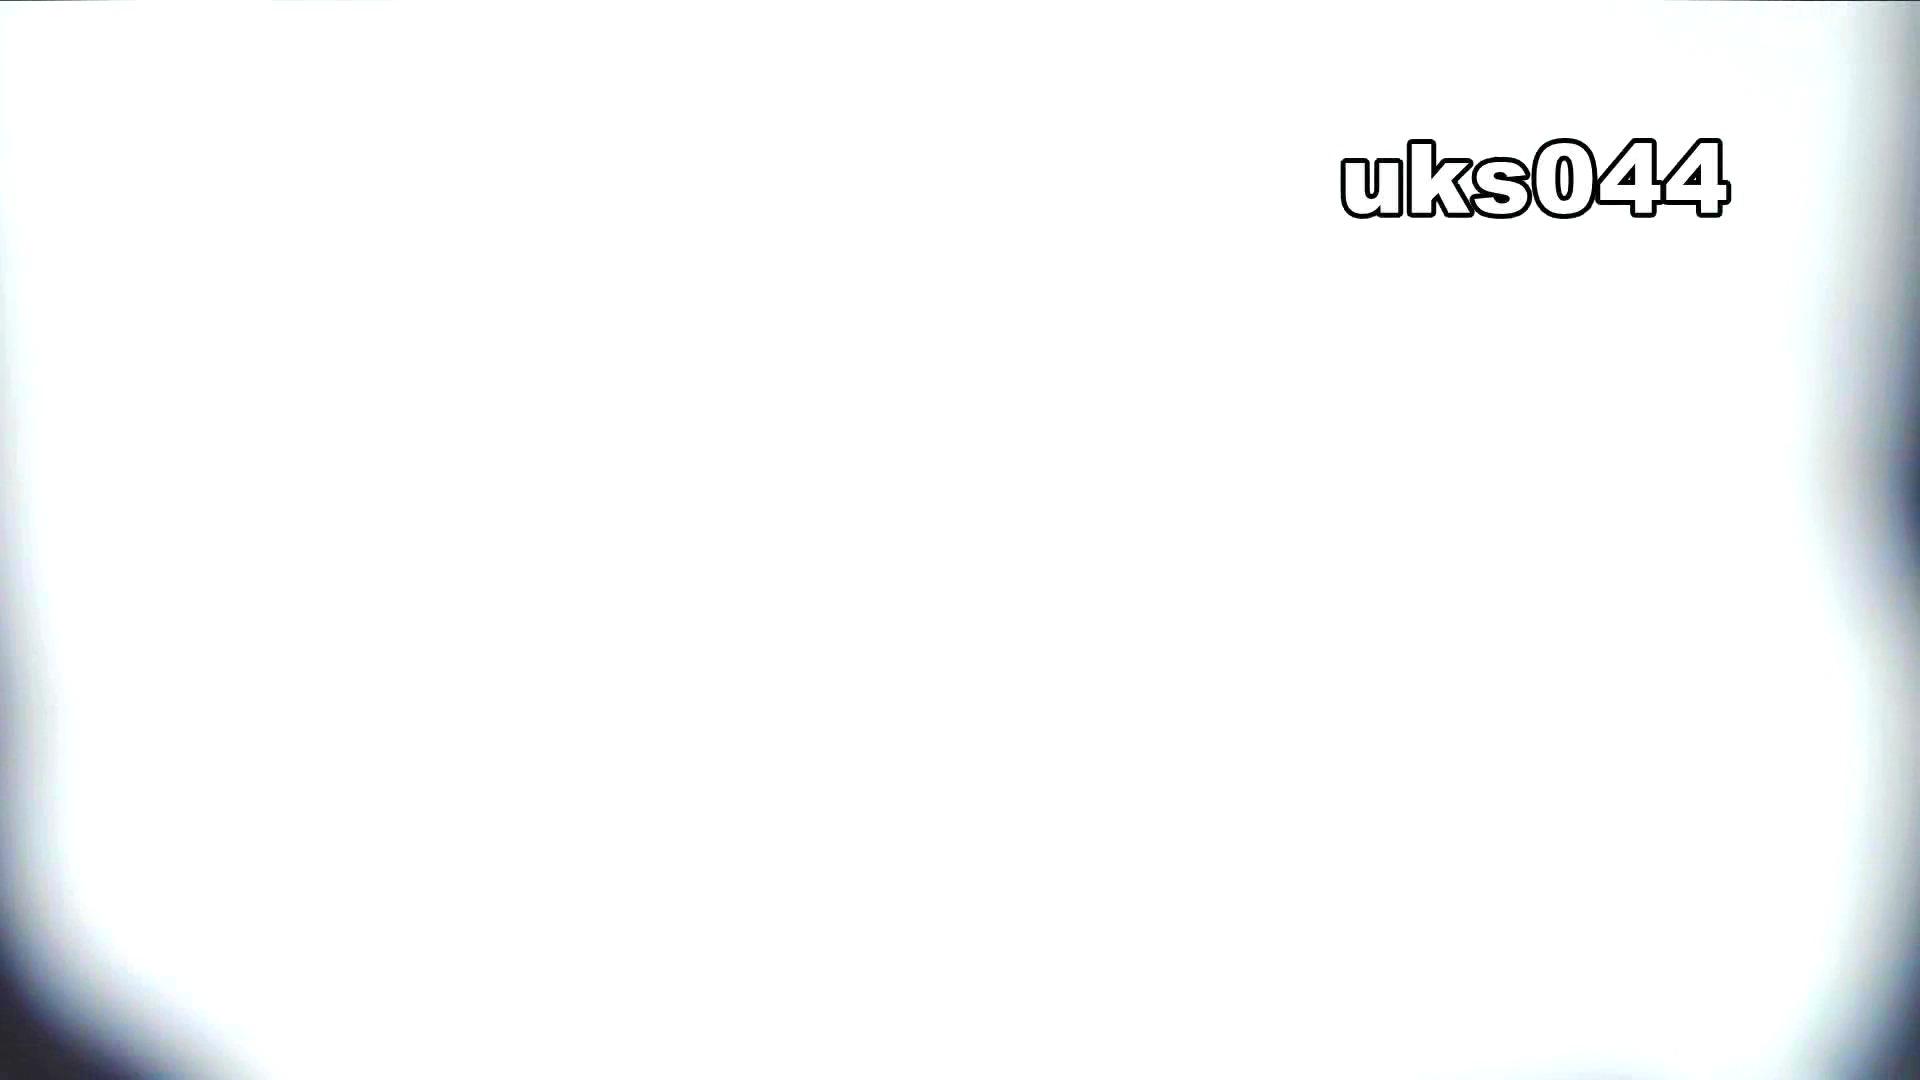 【美しき個室な世界】 vol.044 8倍くらいケツ毛バーガー 高評価 オマンコ動画キャプチャ 108枚 89